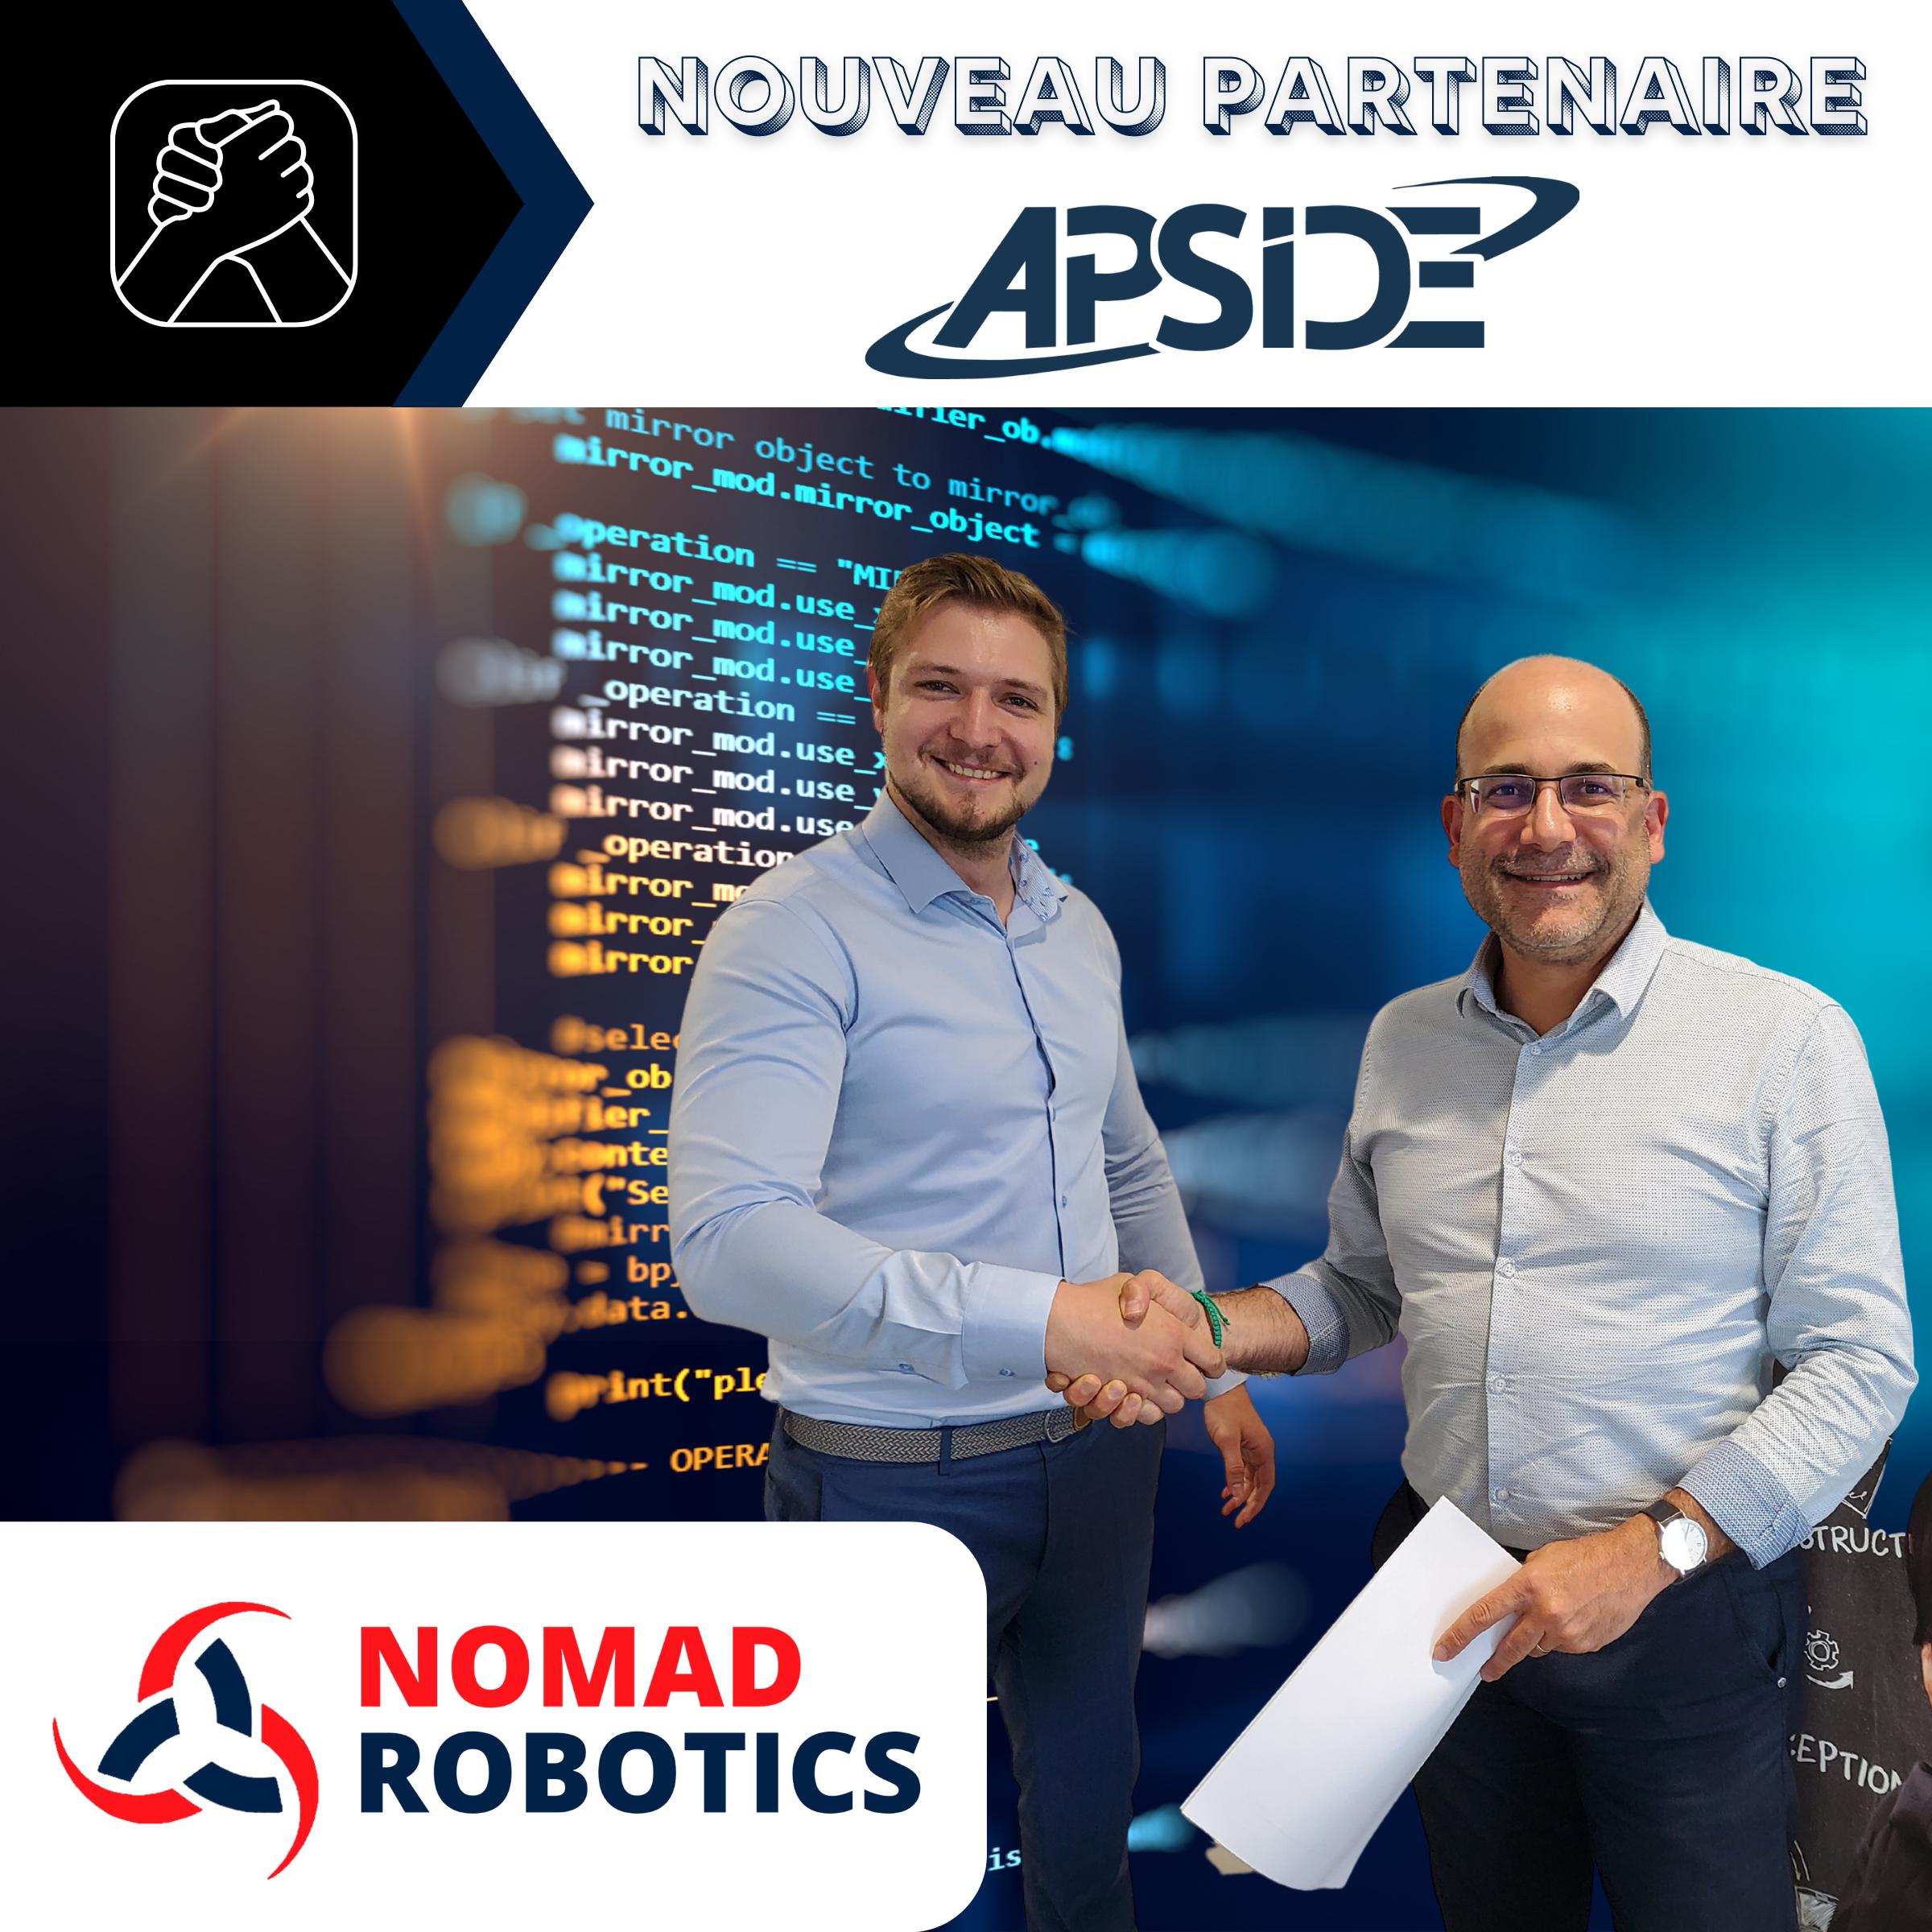 APSIDE - NOUVEAU PARTENAIRE de NOMAD ROBOTICS